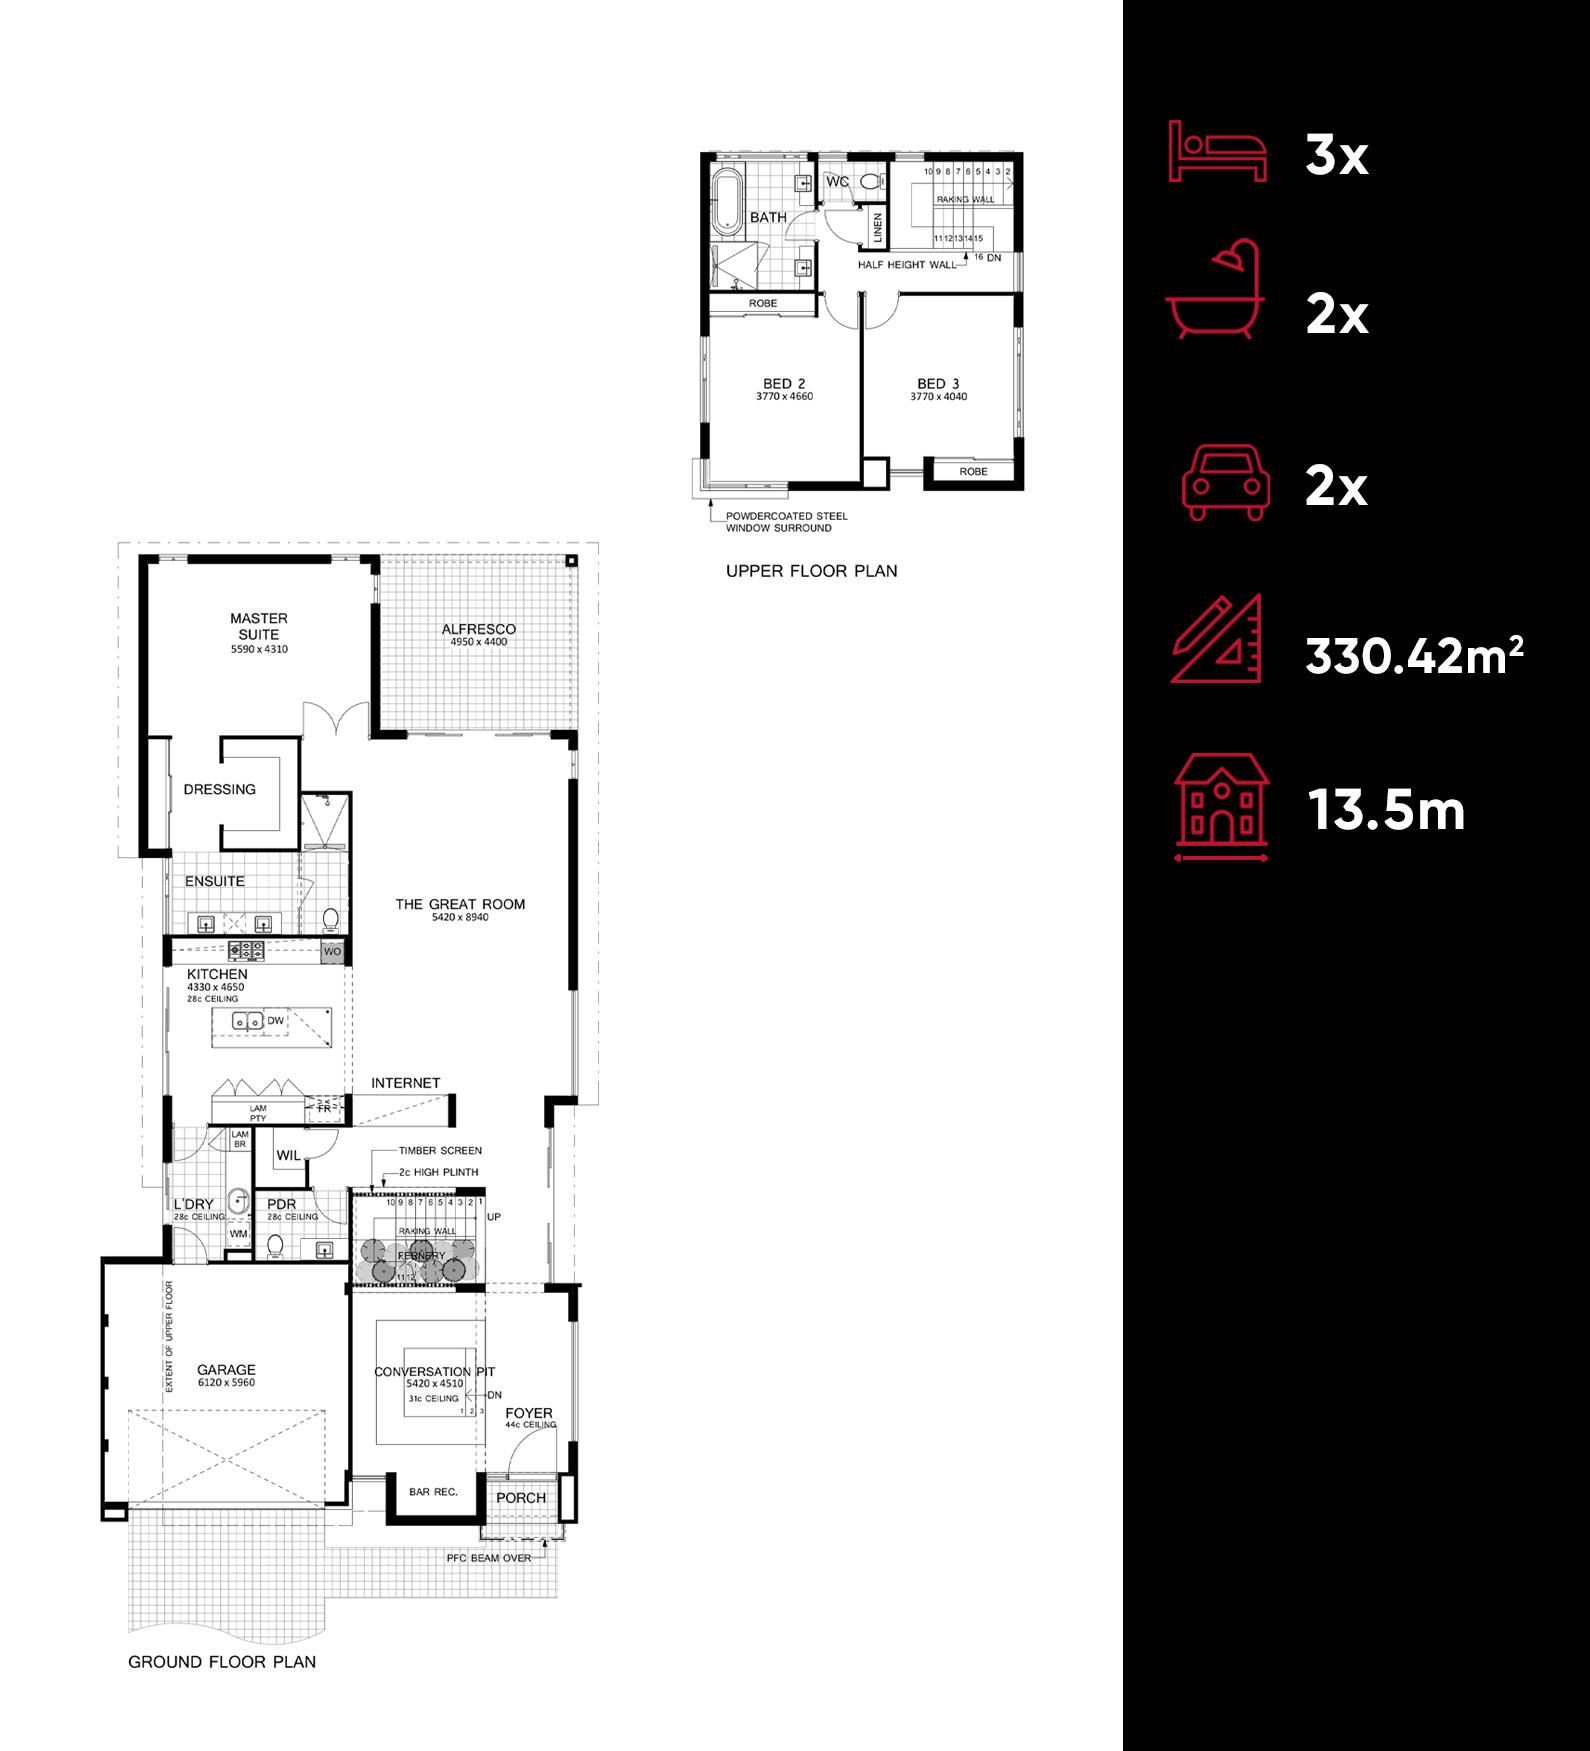 Luxe floor plan